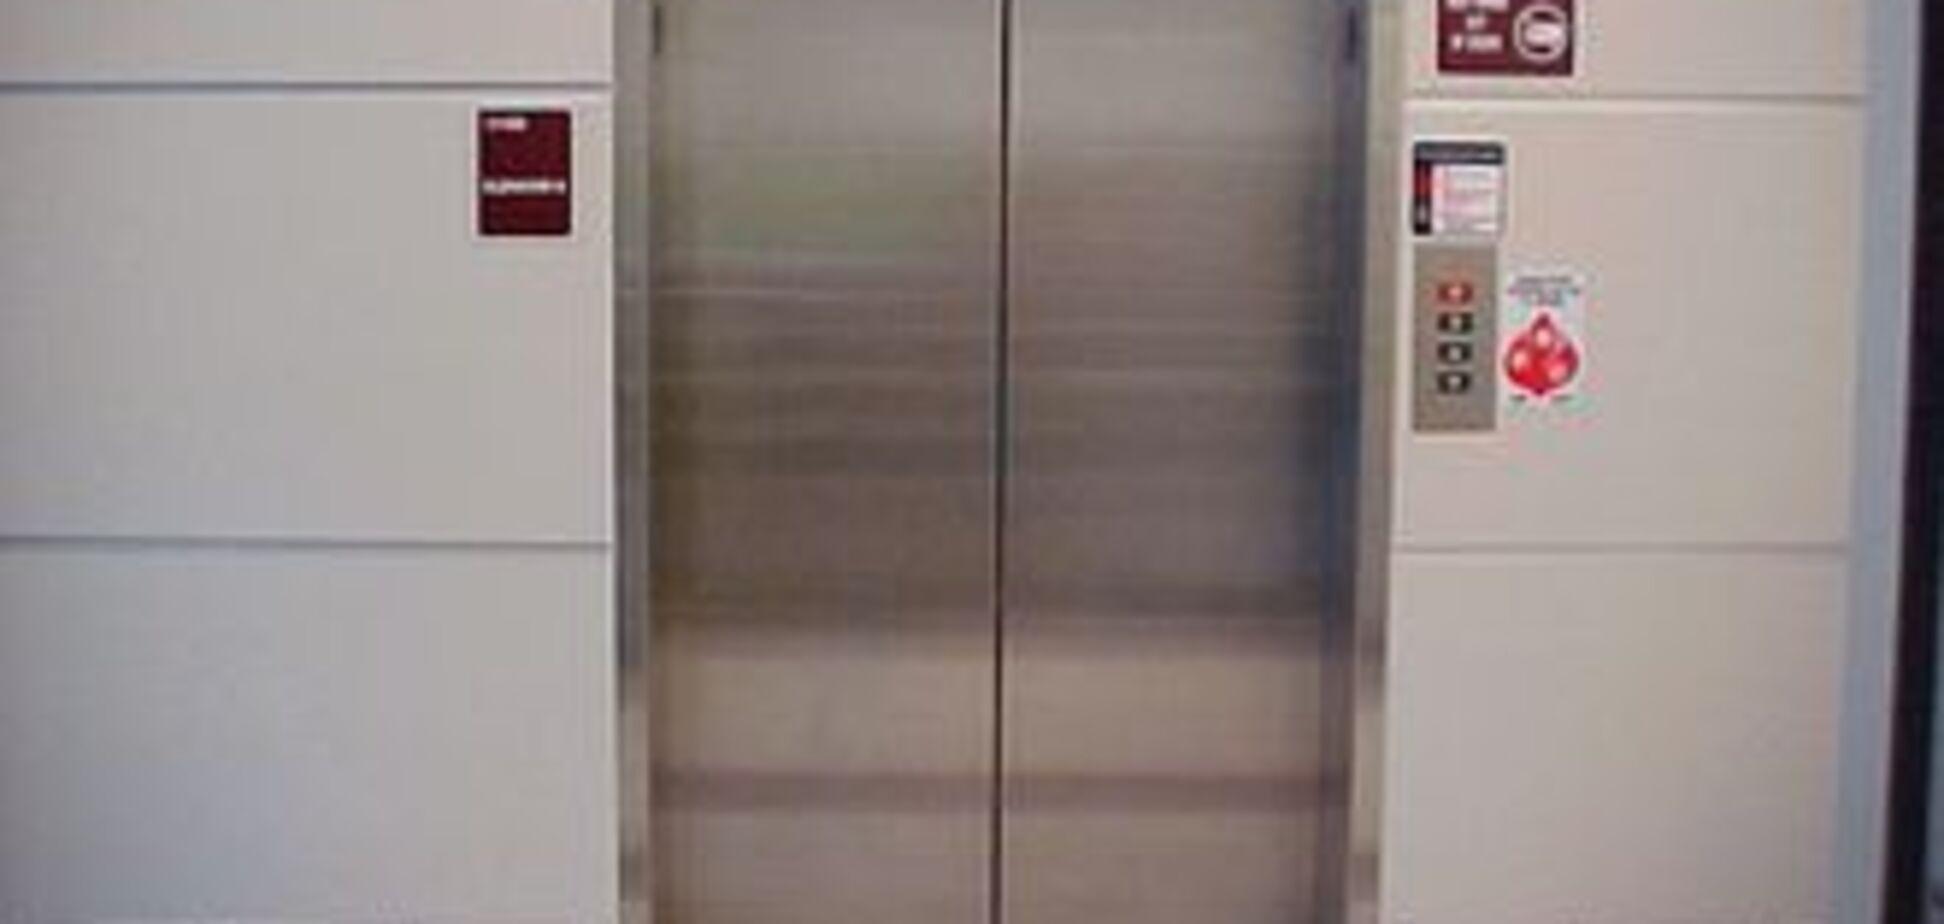 Літнє подружжя задихнулося в ліфті, що застряг